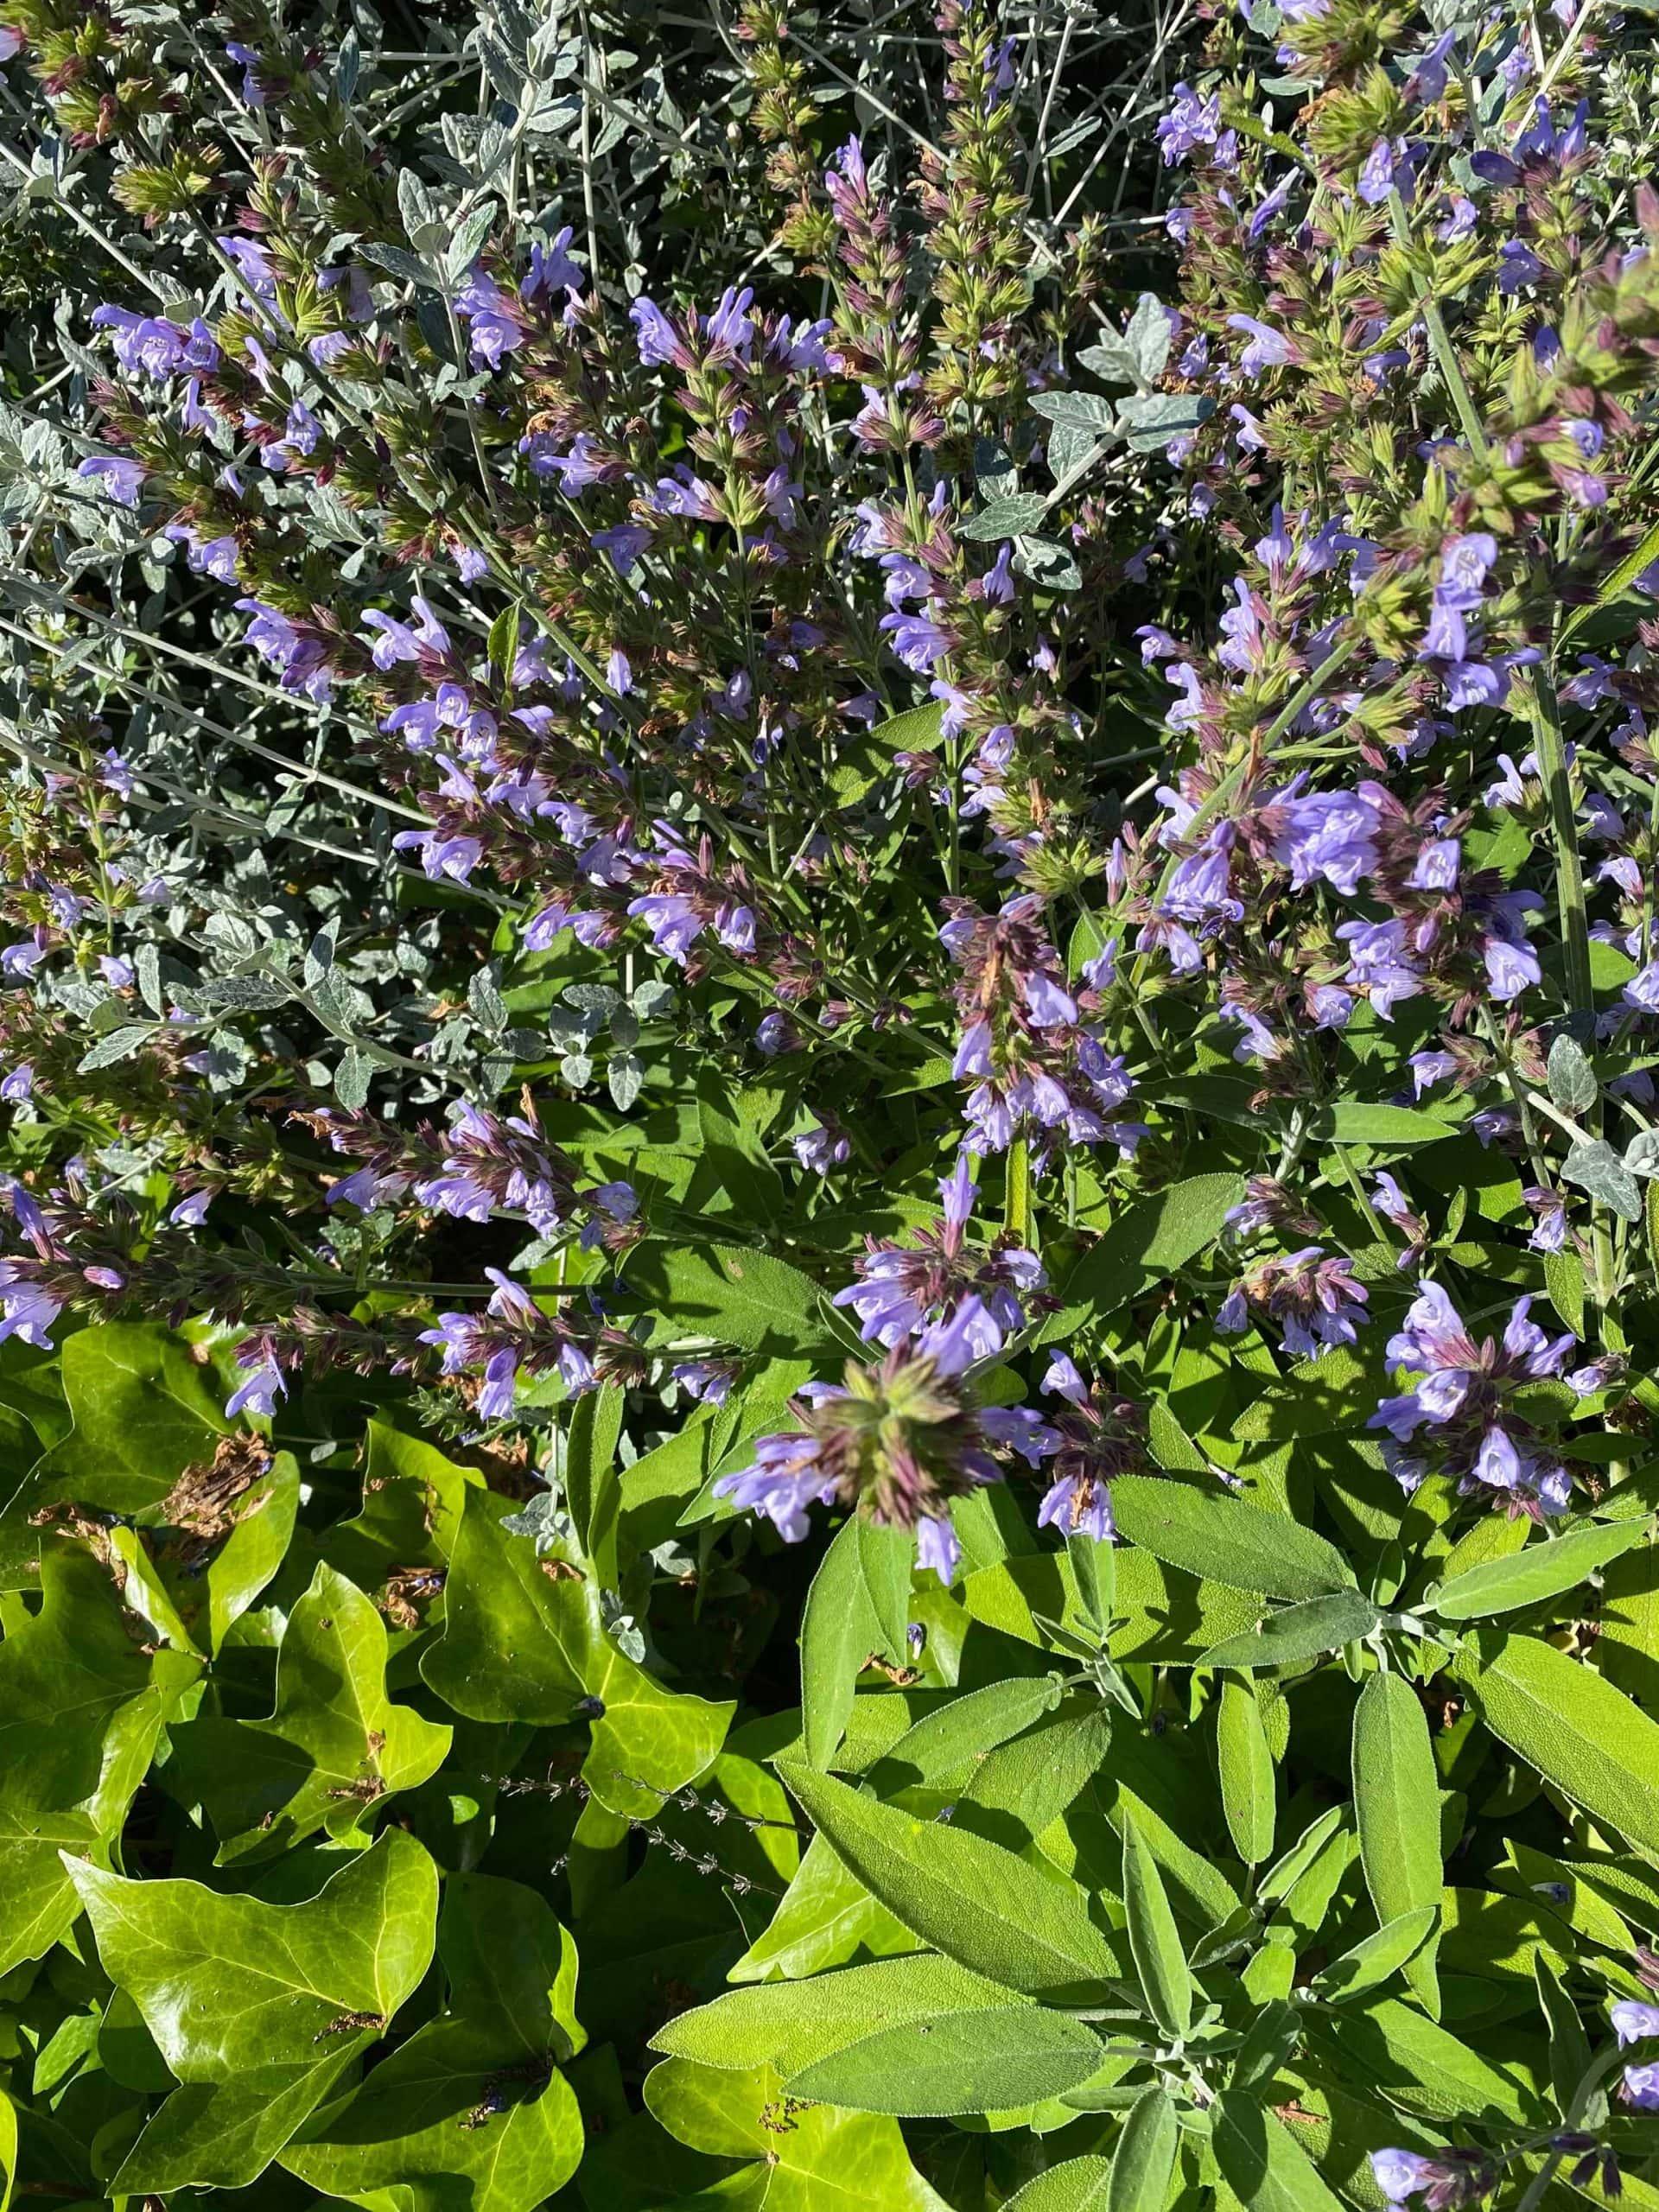 Salvia. Salvia officinalis